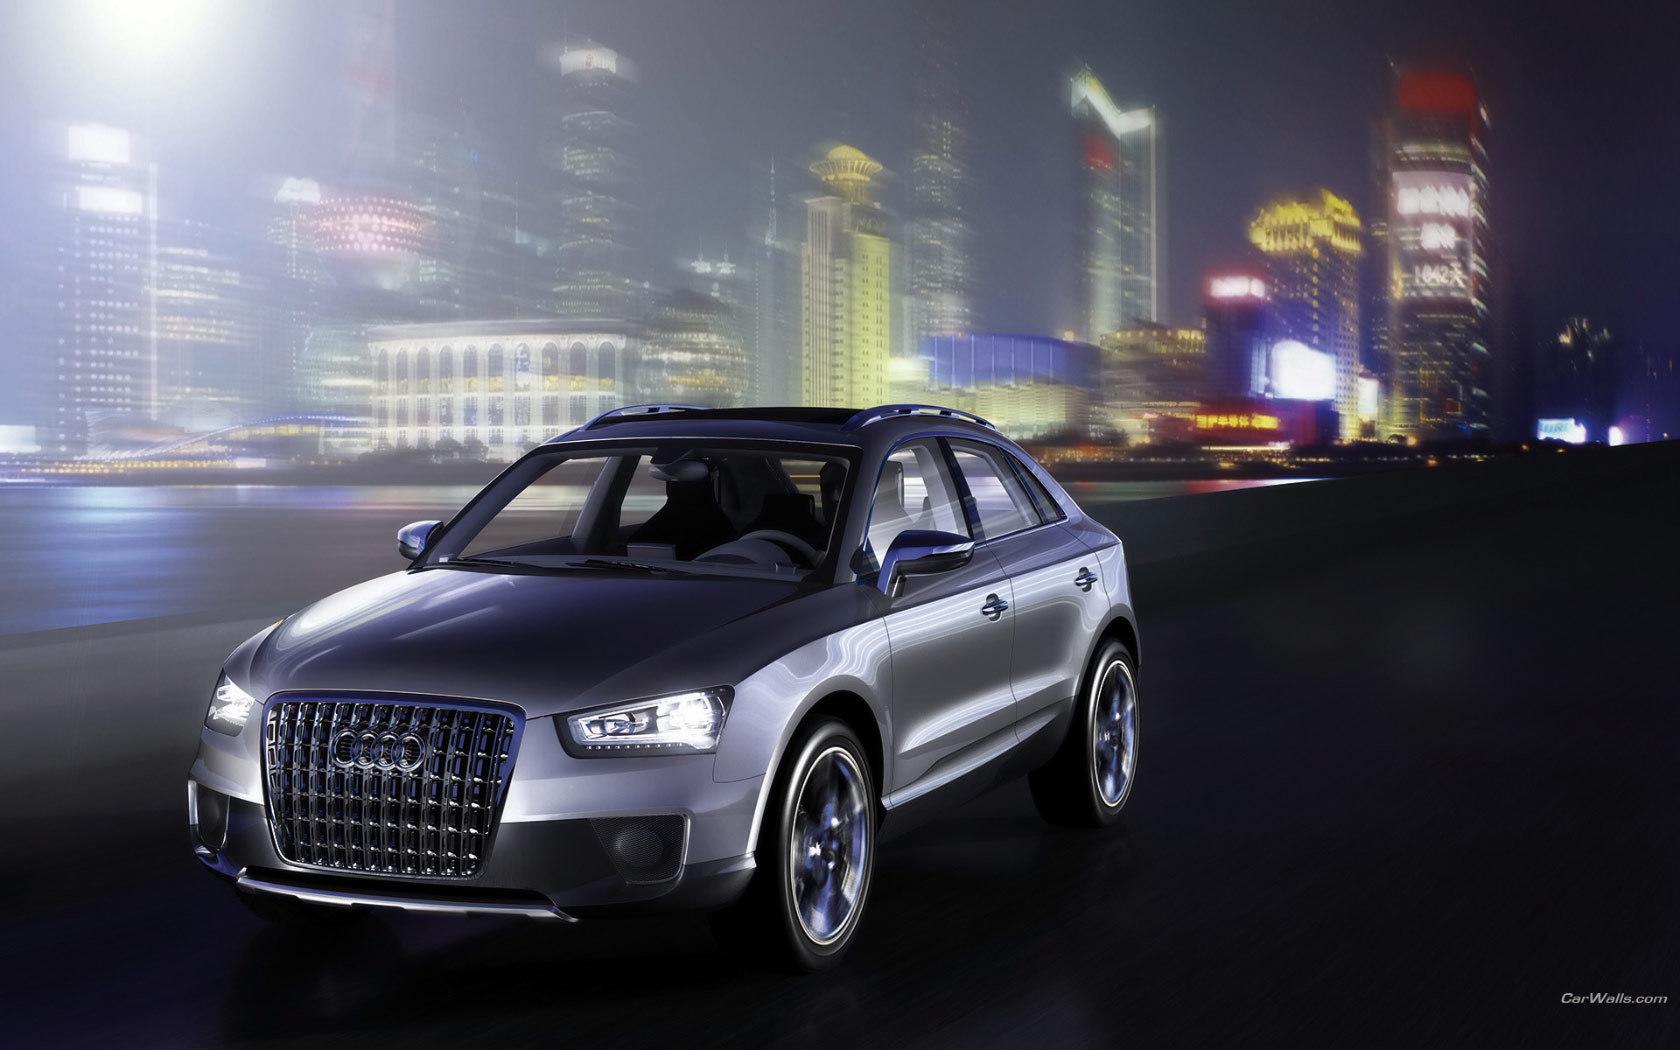 10988 скачать обои Транспорт, Машины, Ауди (Audi) - заставки и картинки бесплатно